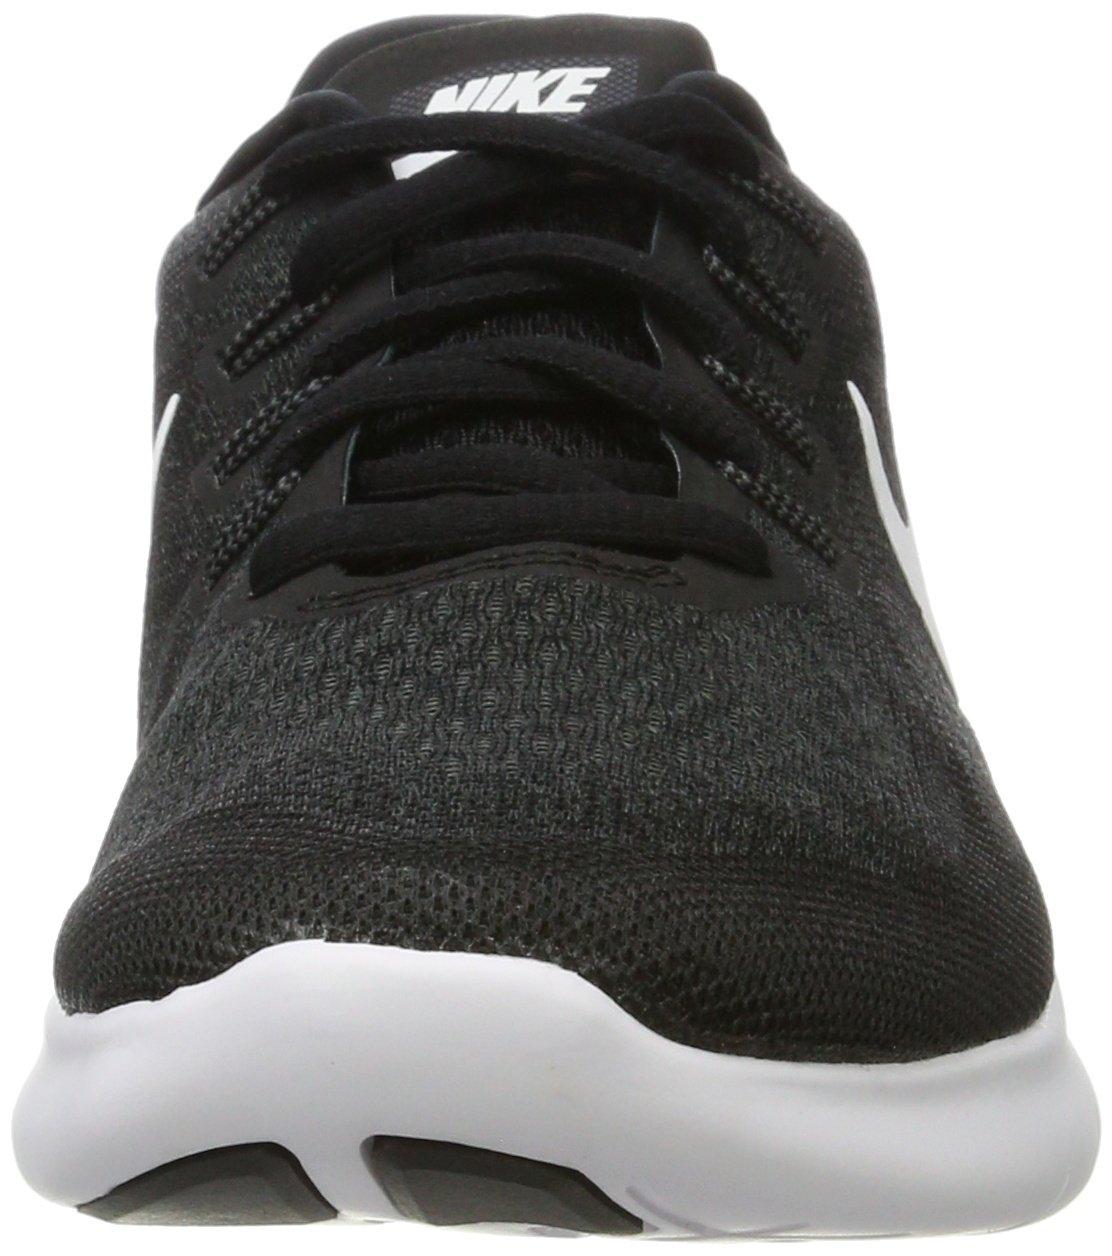 Nike Men's Free RN 2017 Running Shoe Black/White/Dark Grey/Anthracite Size 7.5 M US by Nike (Image #4)